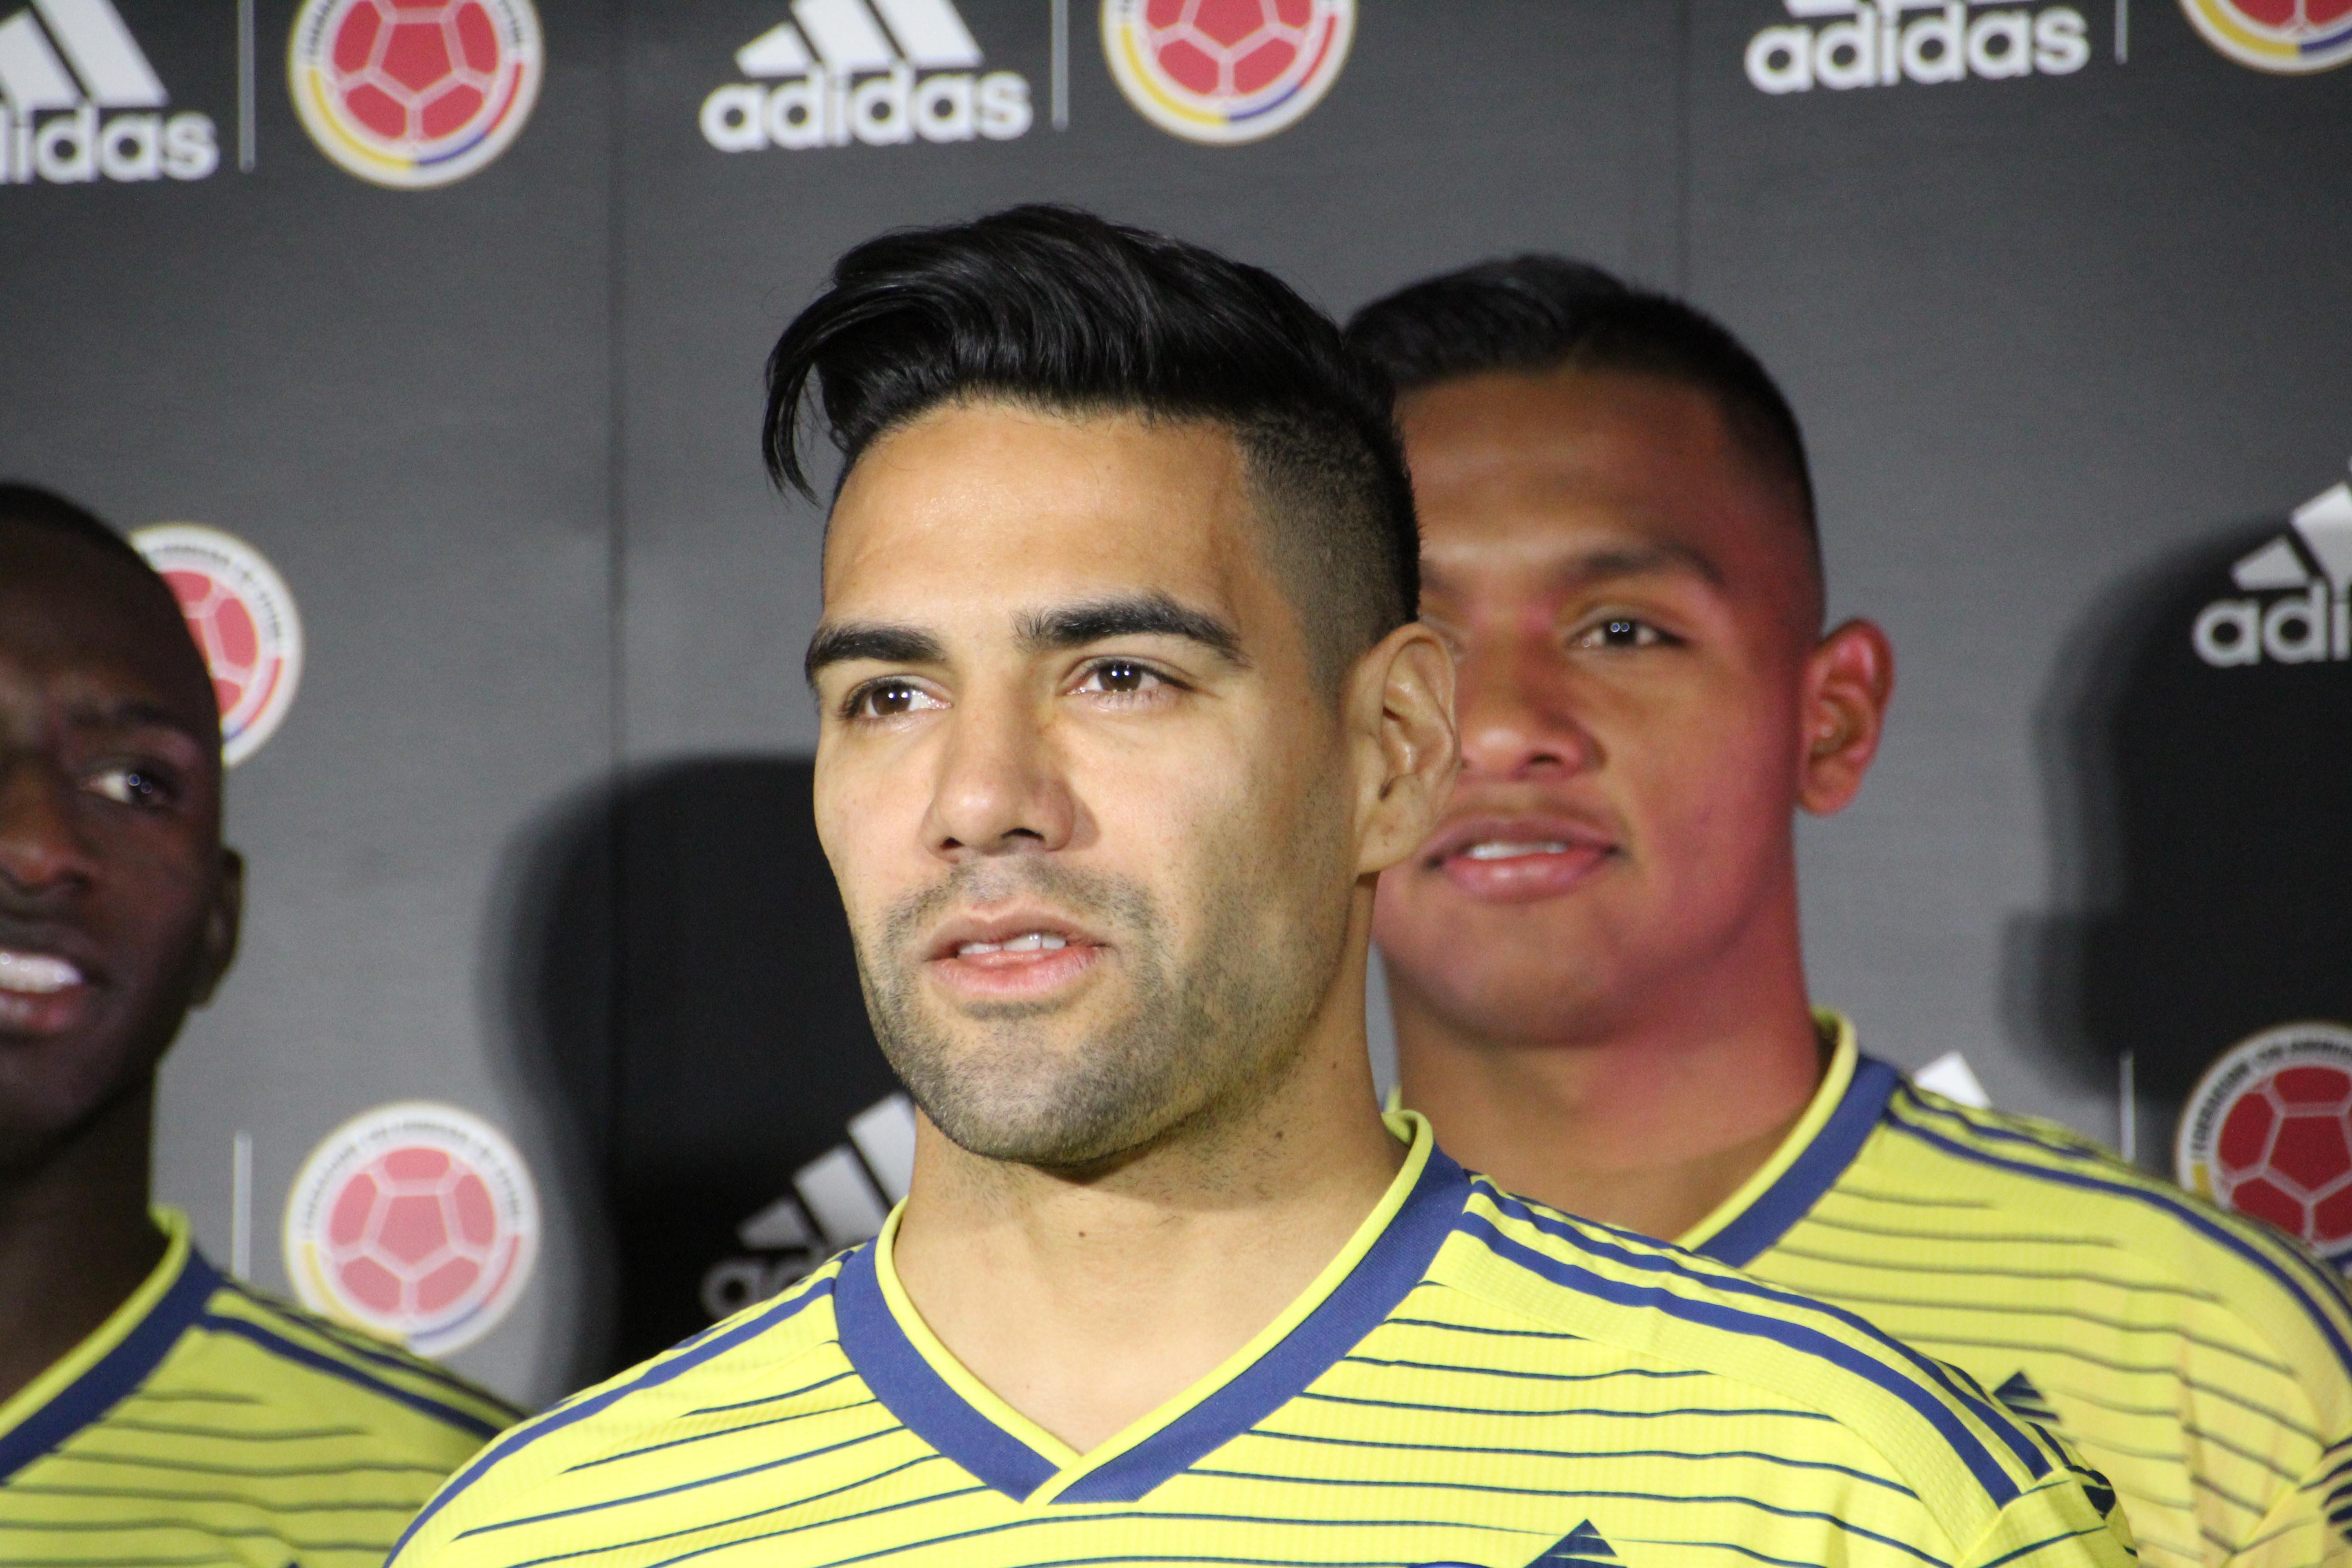 Colombia 2019, La Sele, James, Falcao